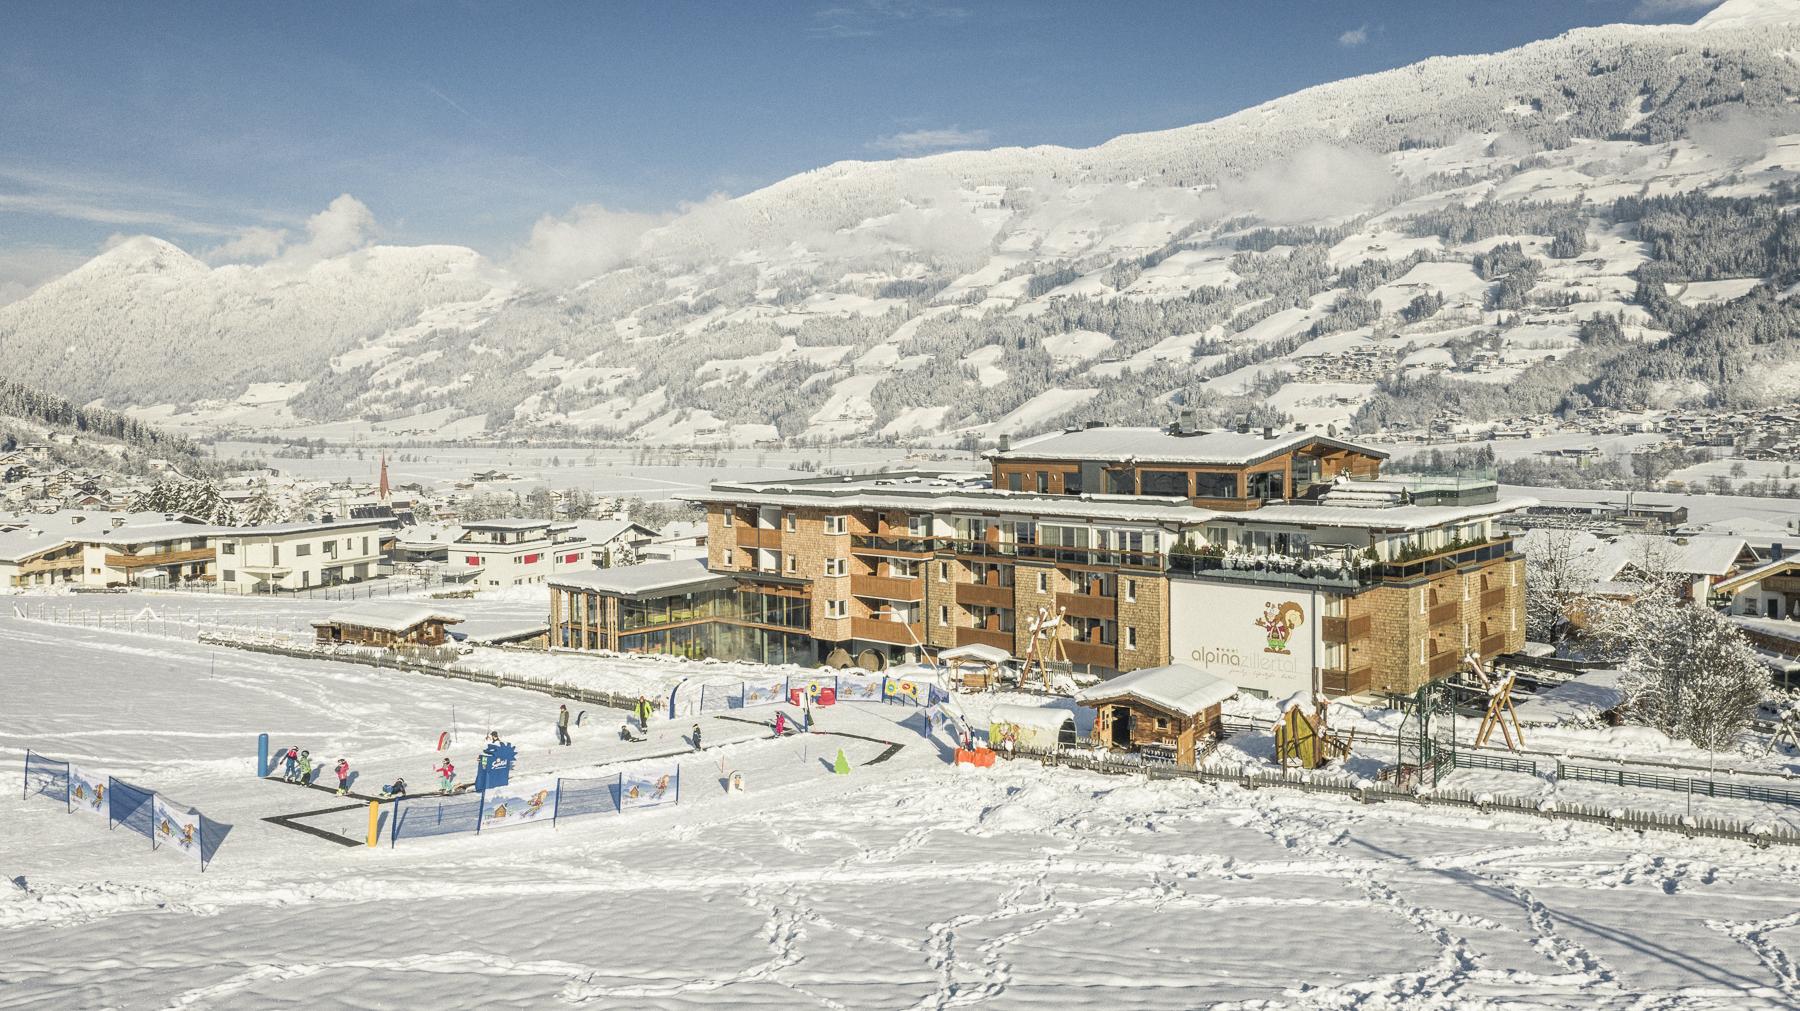 aussenansicht_des_hotels_im_winter_c_jan_hanser_mood_photography_alpina_zillertal